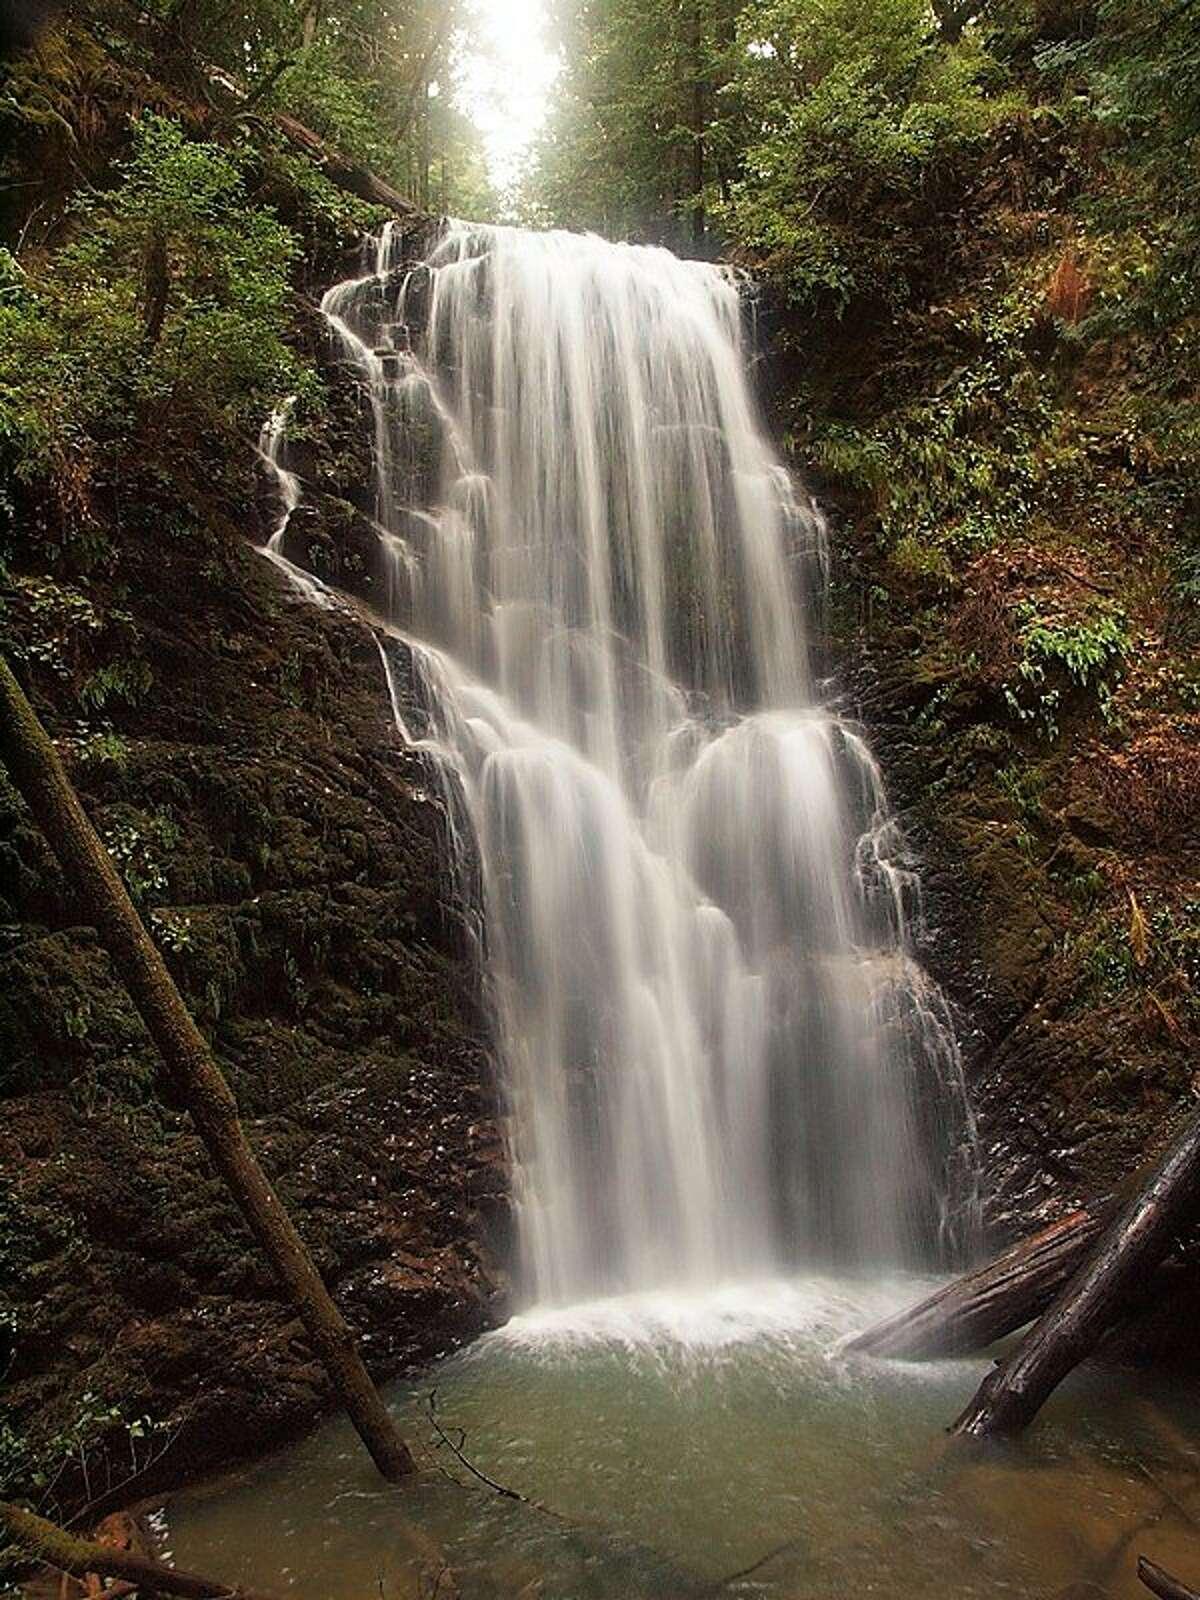 Berry Creek Falls at Big Basin Redwoods State Park.